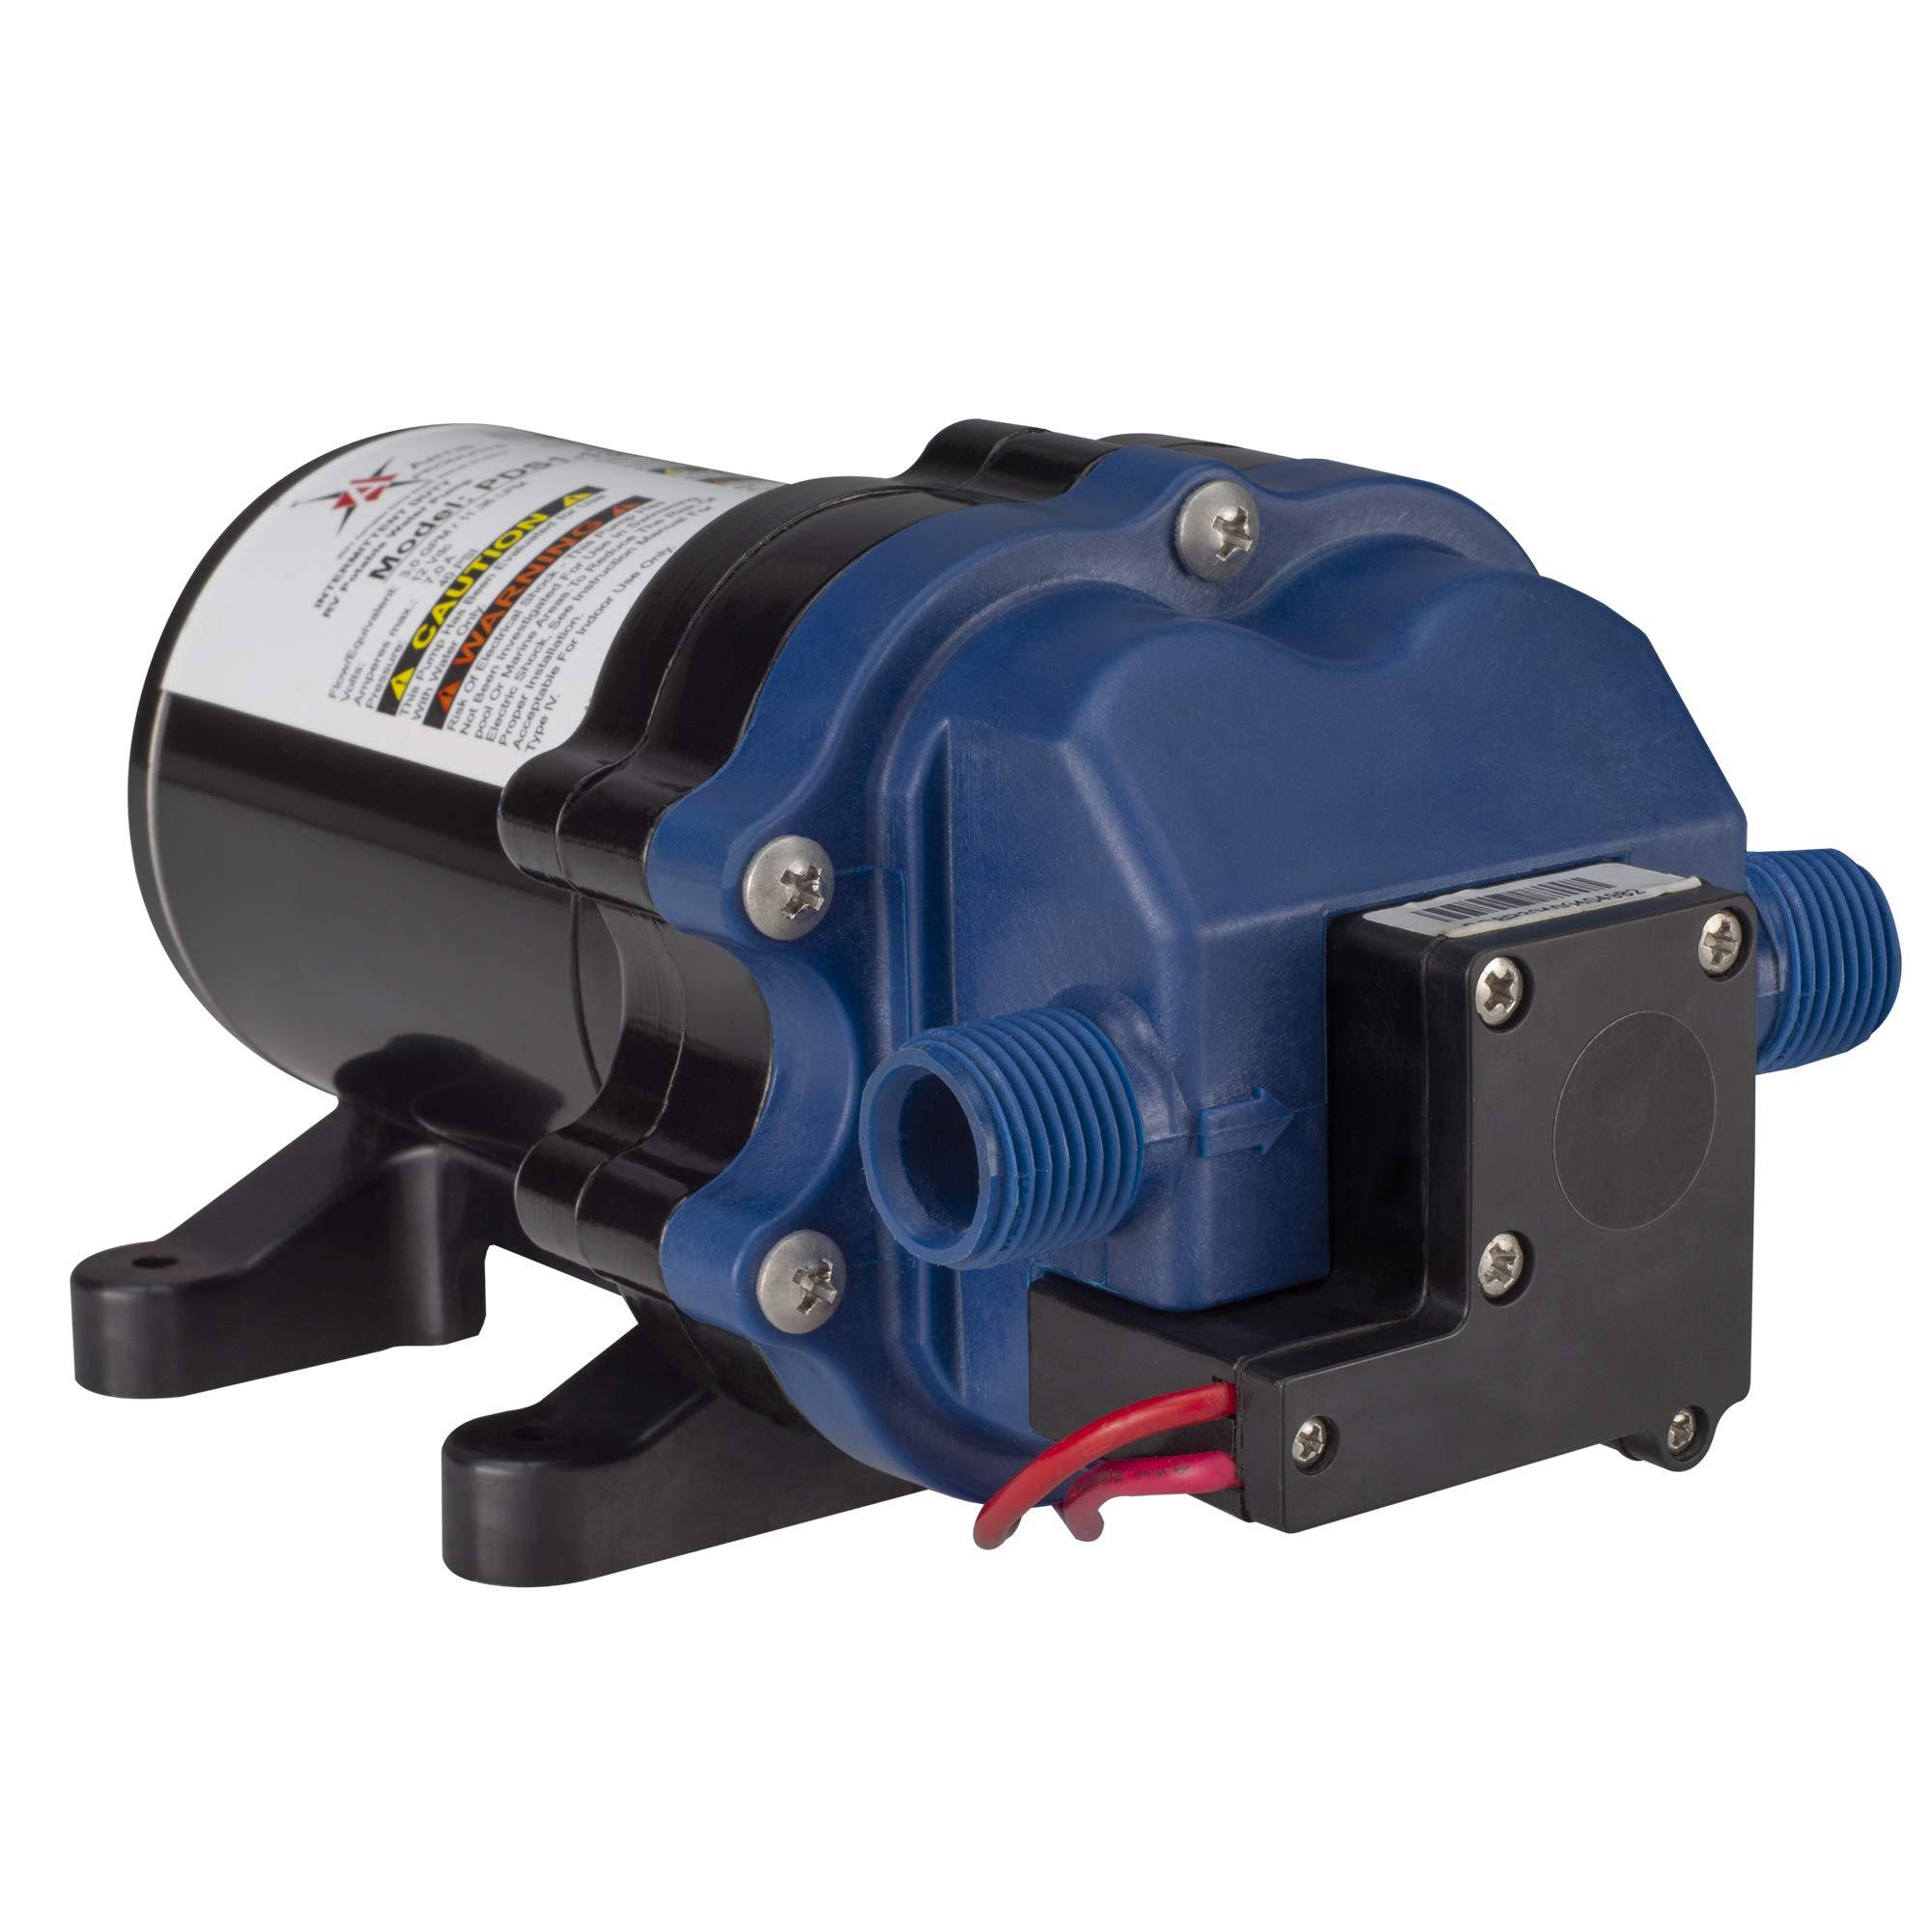 WFCO ARTIS New PDS1-130-1240E 12 Volt 12V RV Camper Potable Water Pump 3.0 GPM - No Strainer by WFCO ARTIS